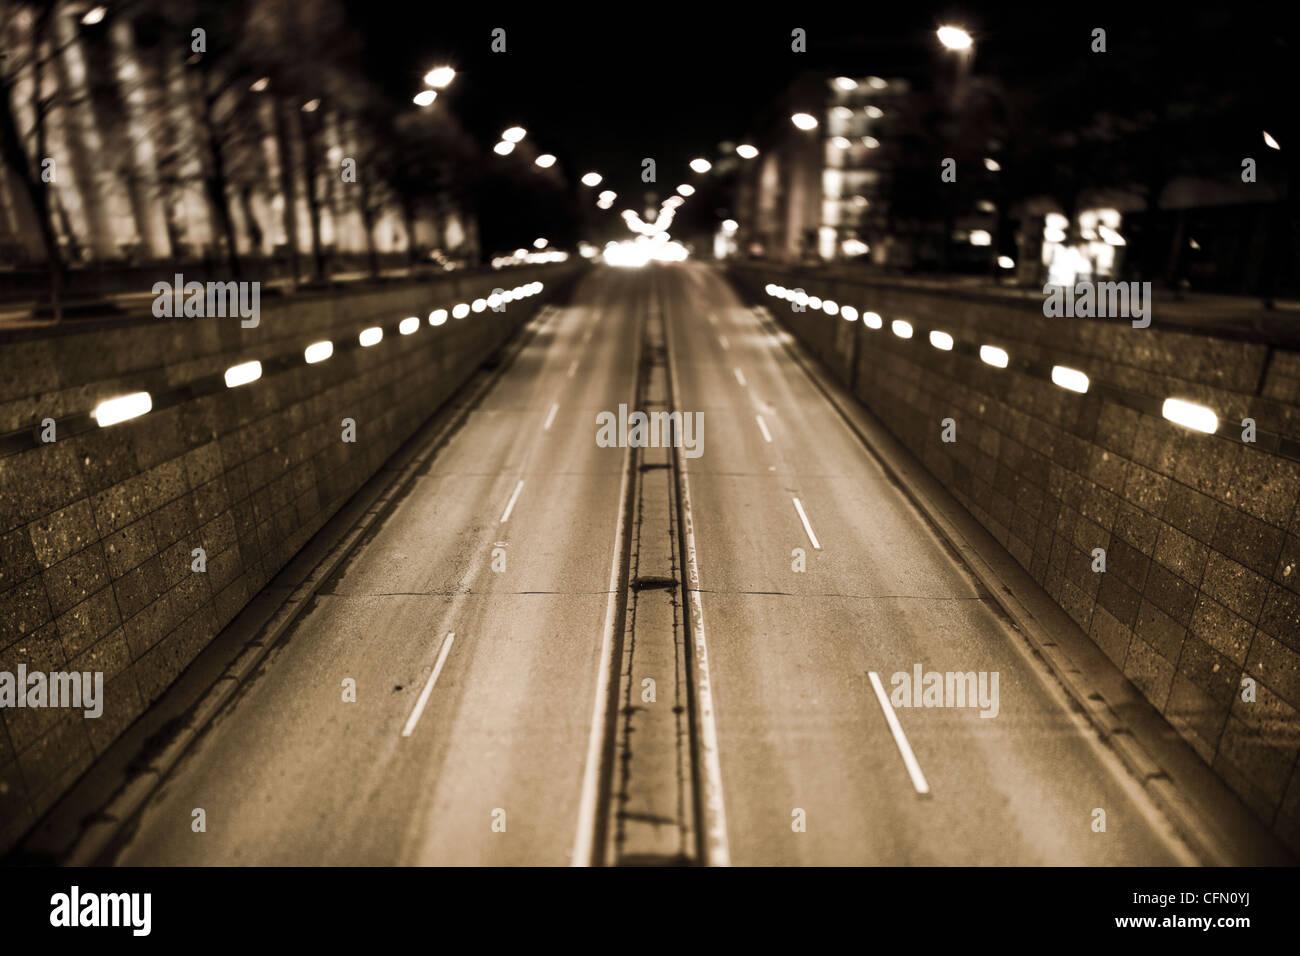 Prinzregentenstrasse di notte con inclinazione in maiuscolo la lente Immagini Stock